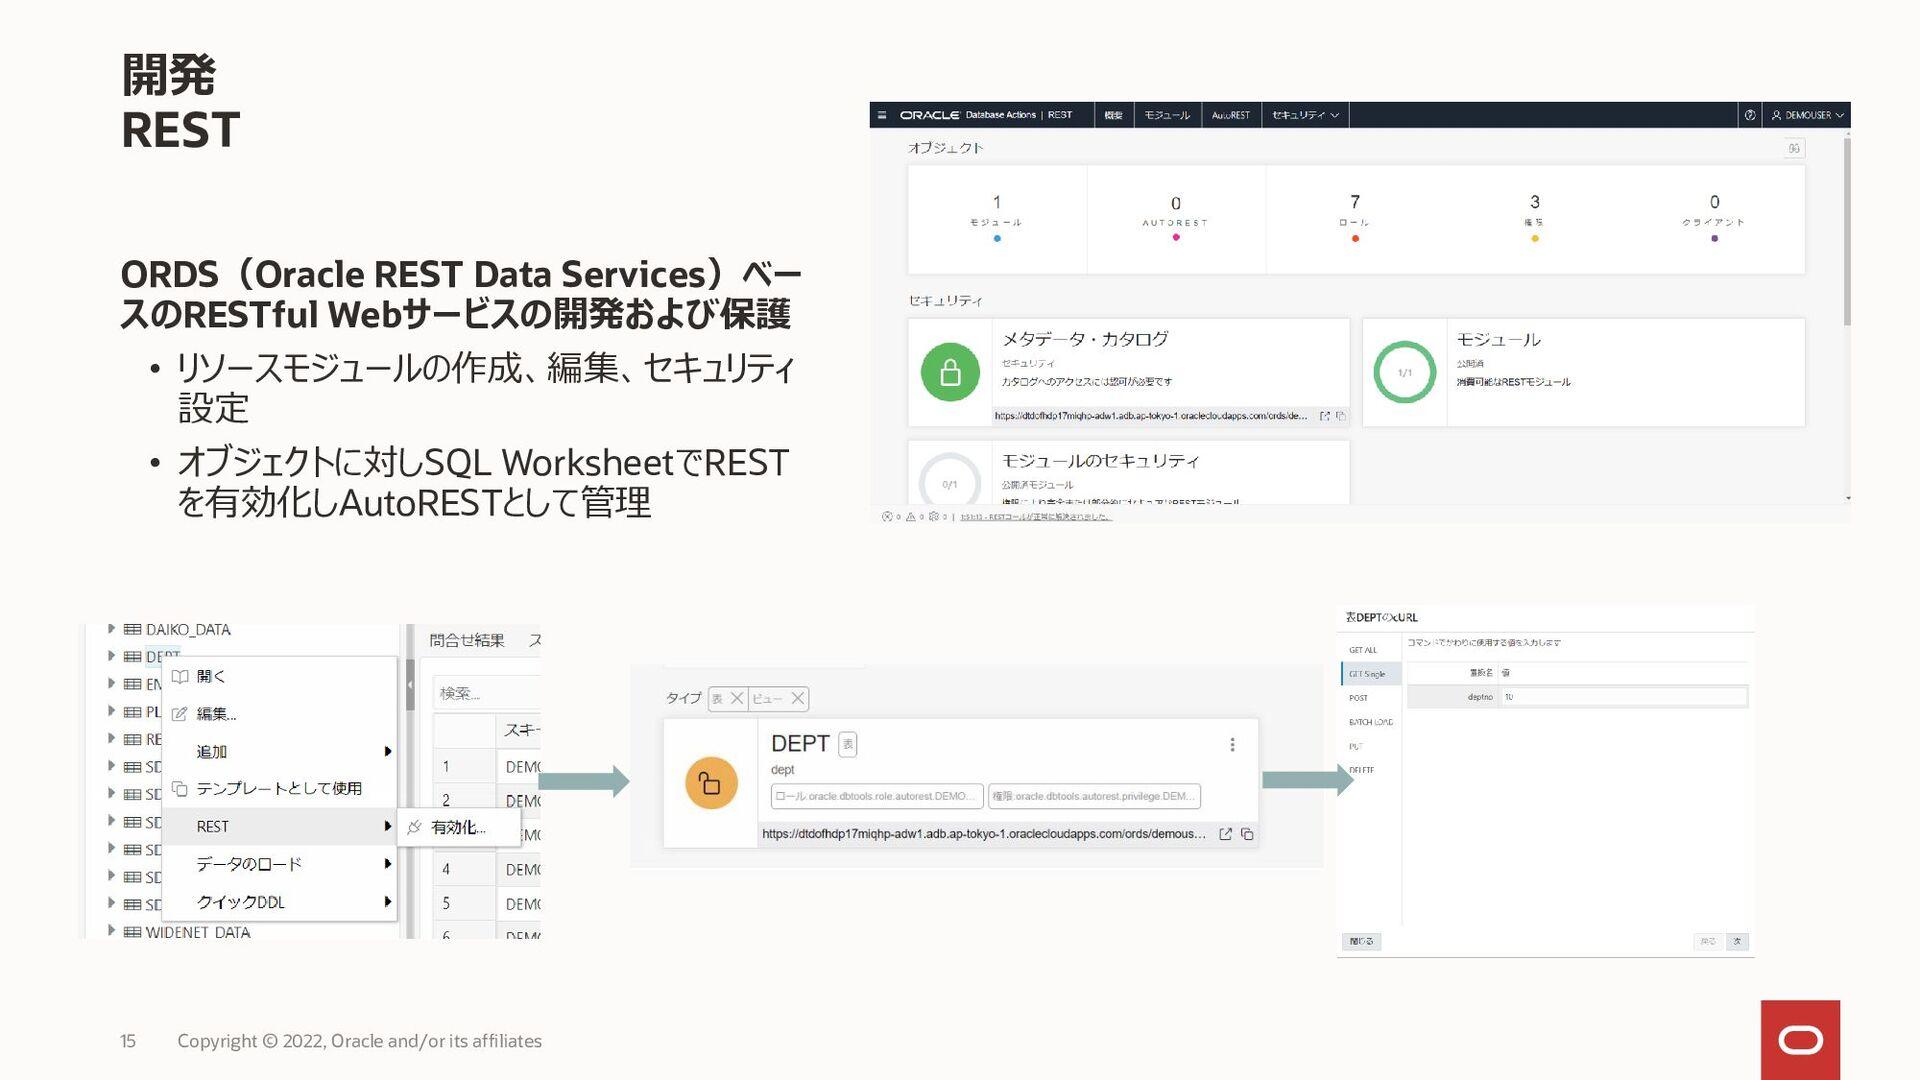 • ADMINユーザーはデフォルトでアクセス可能 • ADMINユーザー以外はADMINユーザ...